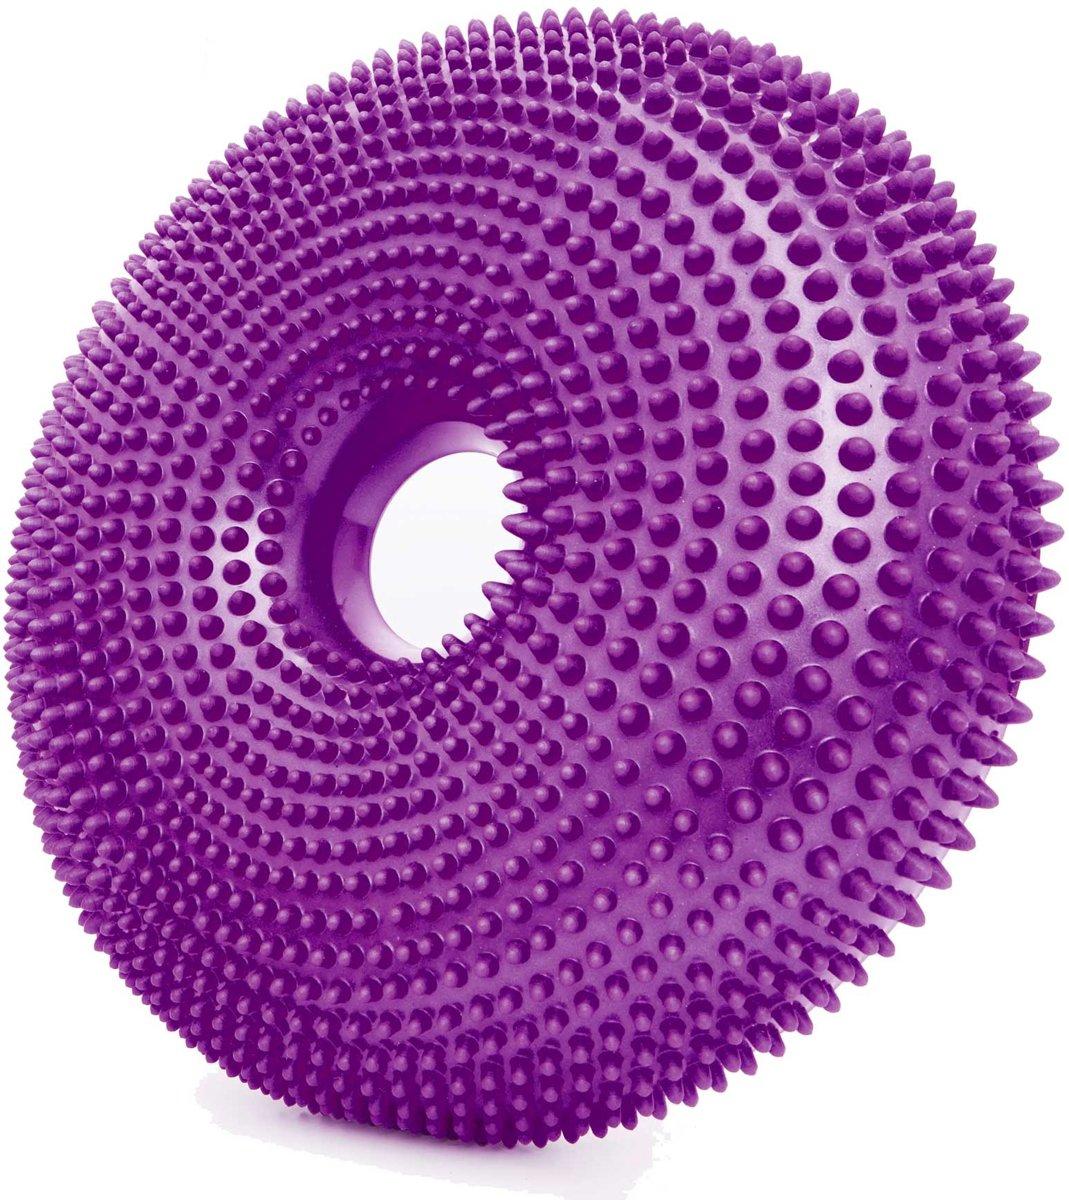 #DoYourFitness - Balanskussen - »Donut« - zitkussen, met gat in het midden, fitness, pilates, fysiotherapie - (140kg Maximumgewicht) Diameter 33cm. - krokuslila kopen